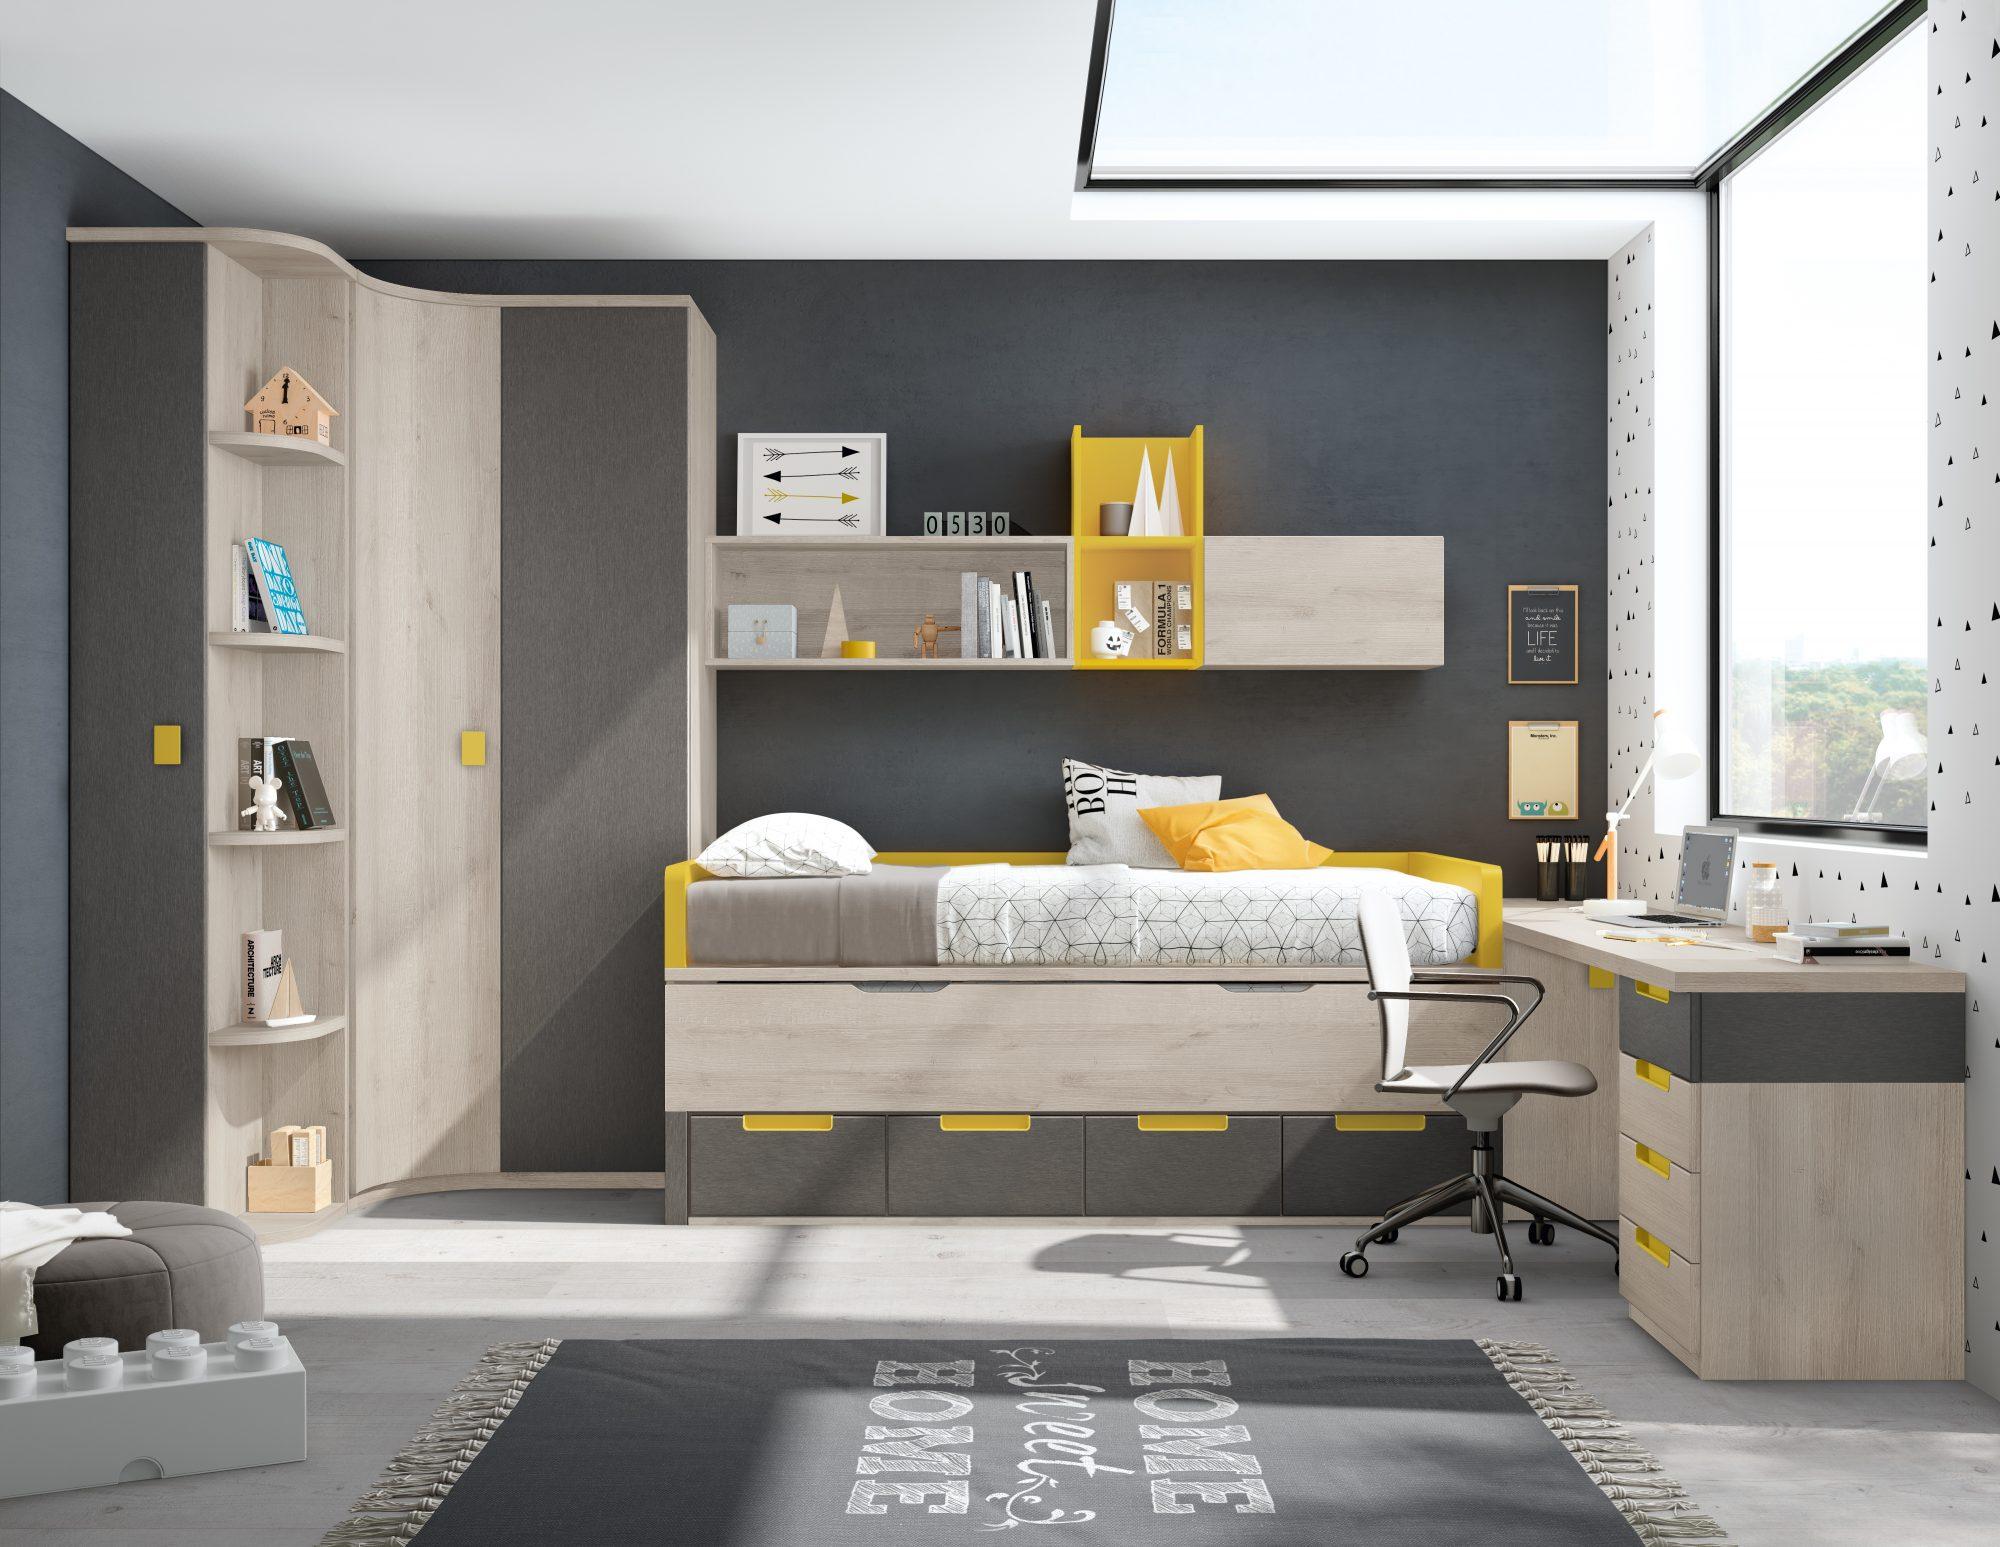 Dormitorio juvenil compuesto de compacto con cama oculta y cajones, armario rincón con terminal zapatero y estantes, arcon extraíble, estudio a medida con cajonera y estantes